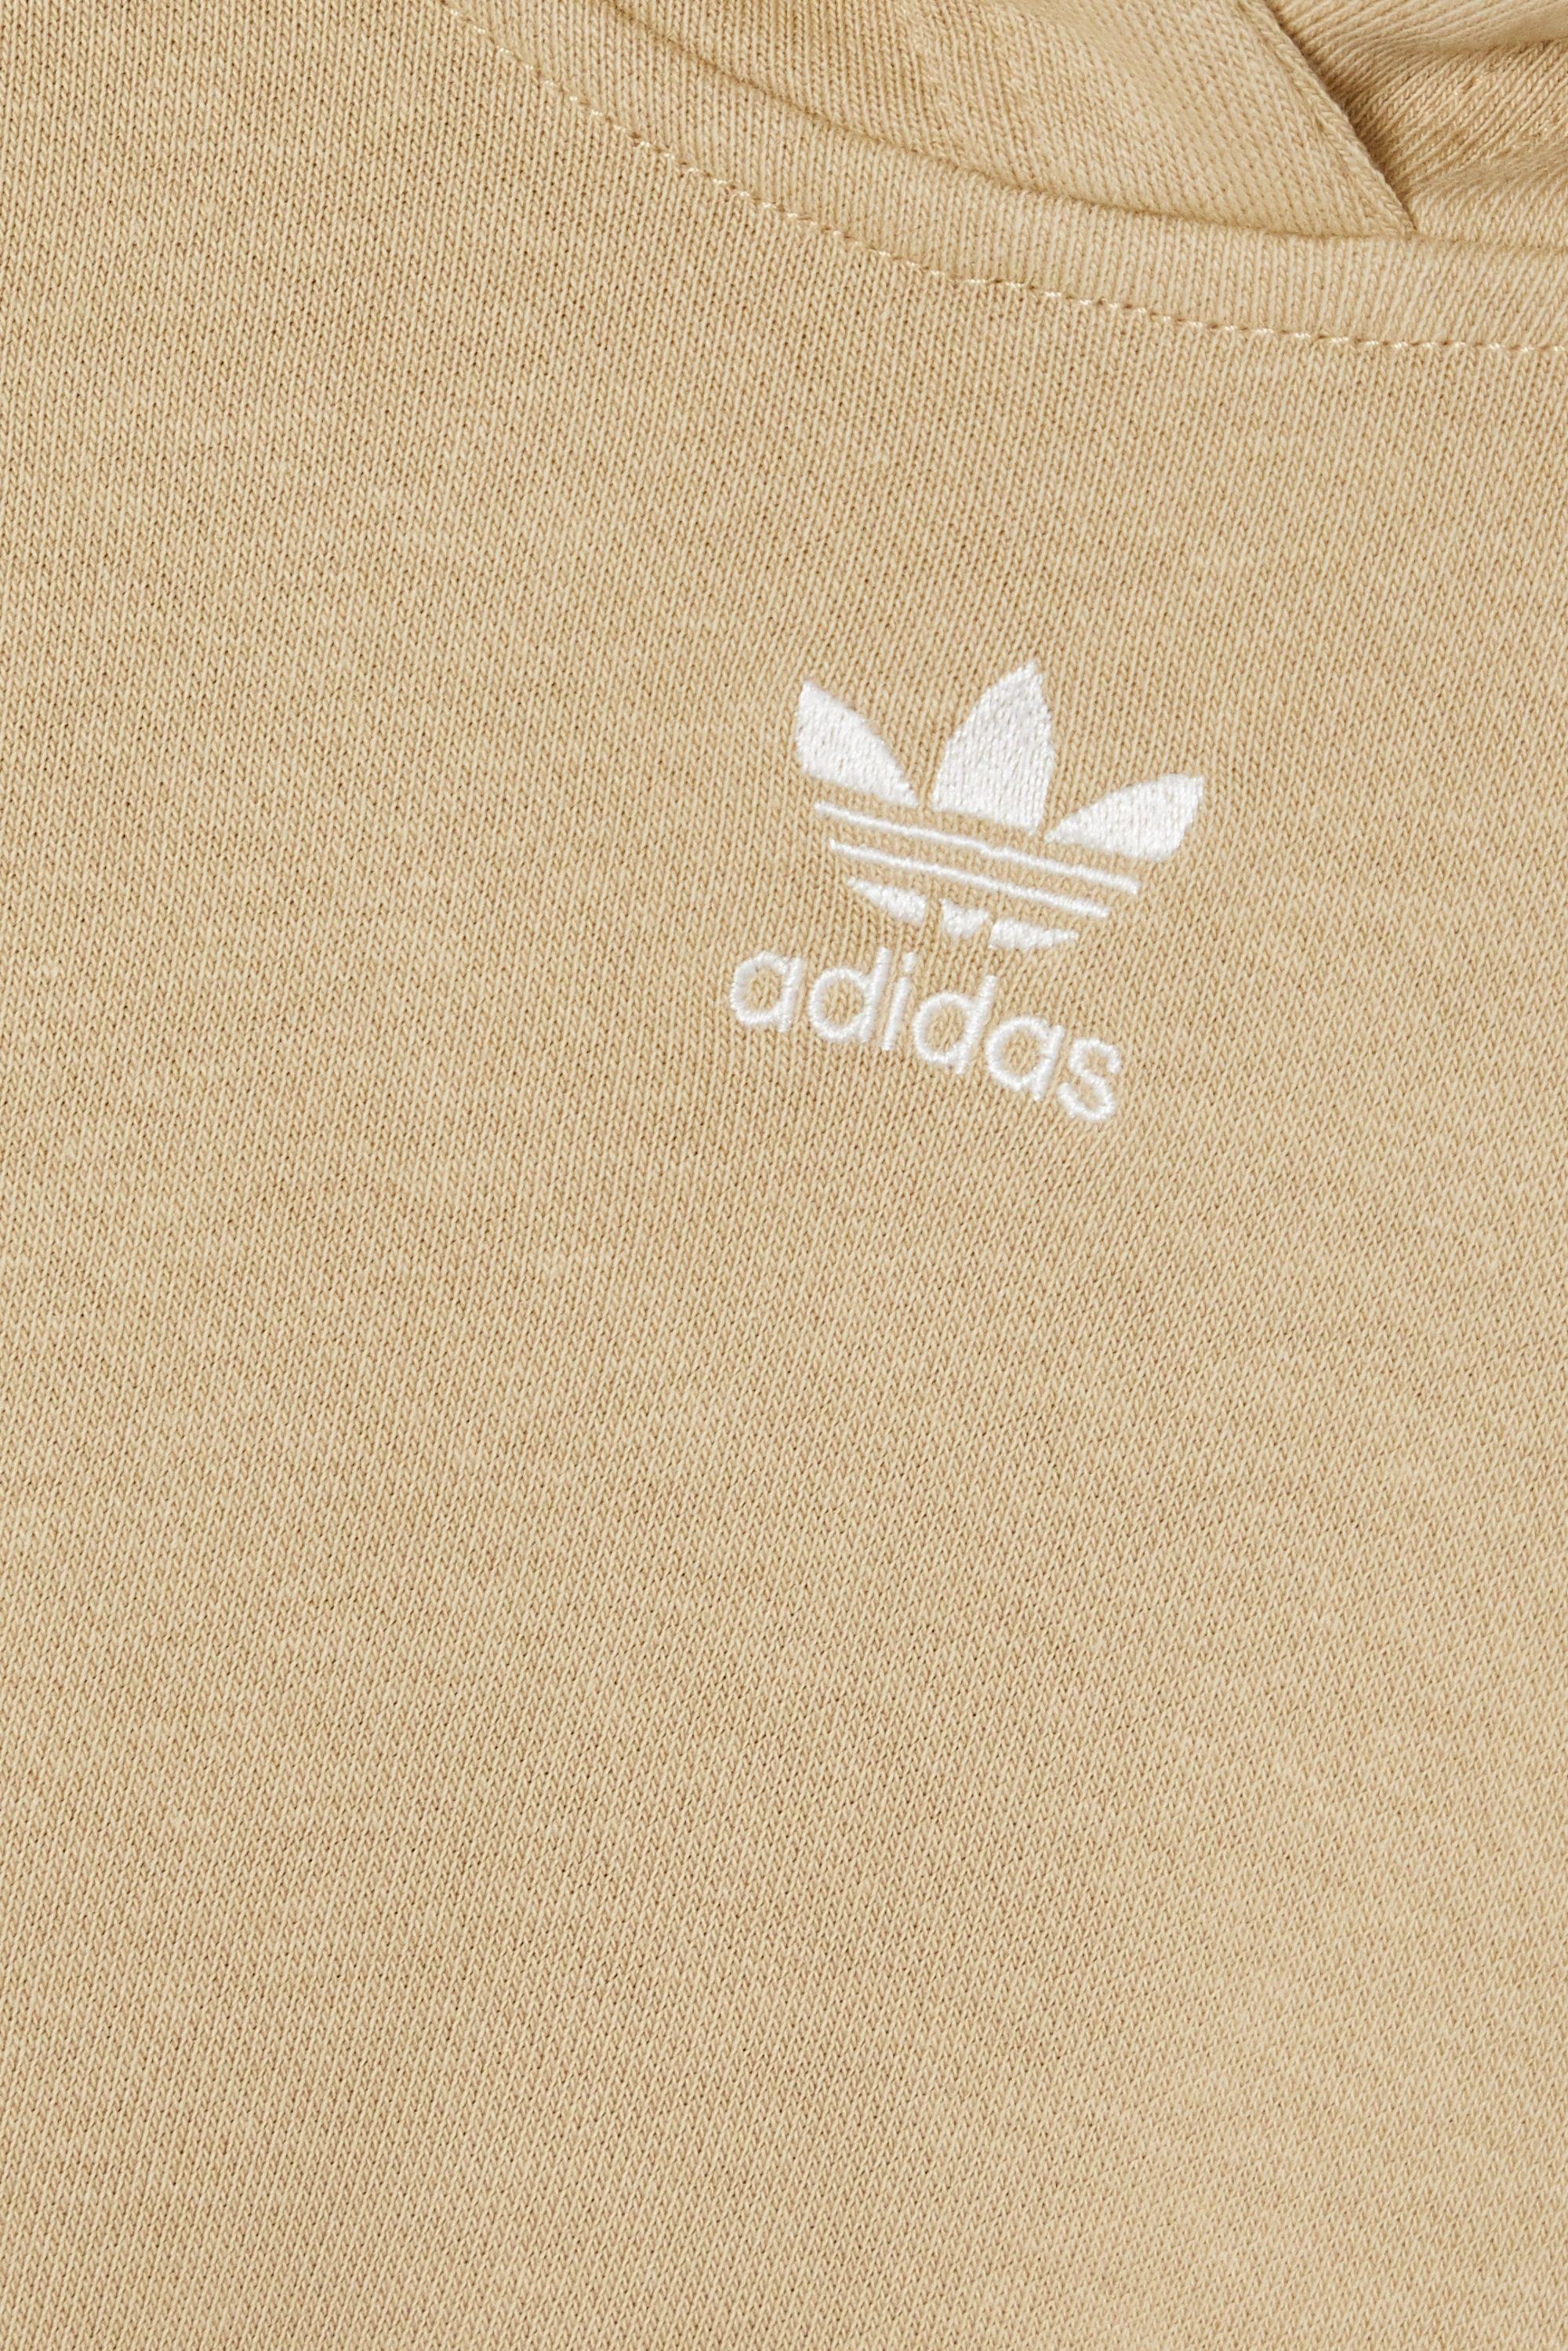 adidas Originals Hoodie aus Frottee aus einer Baumwollmischung